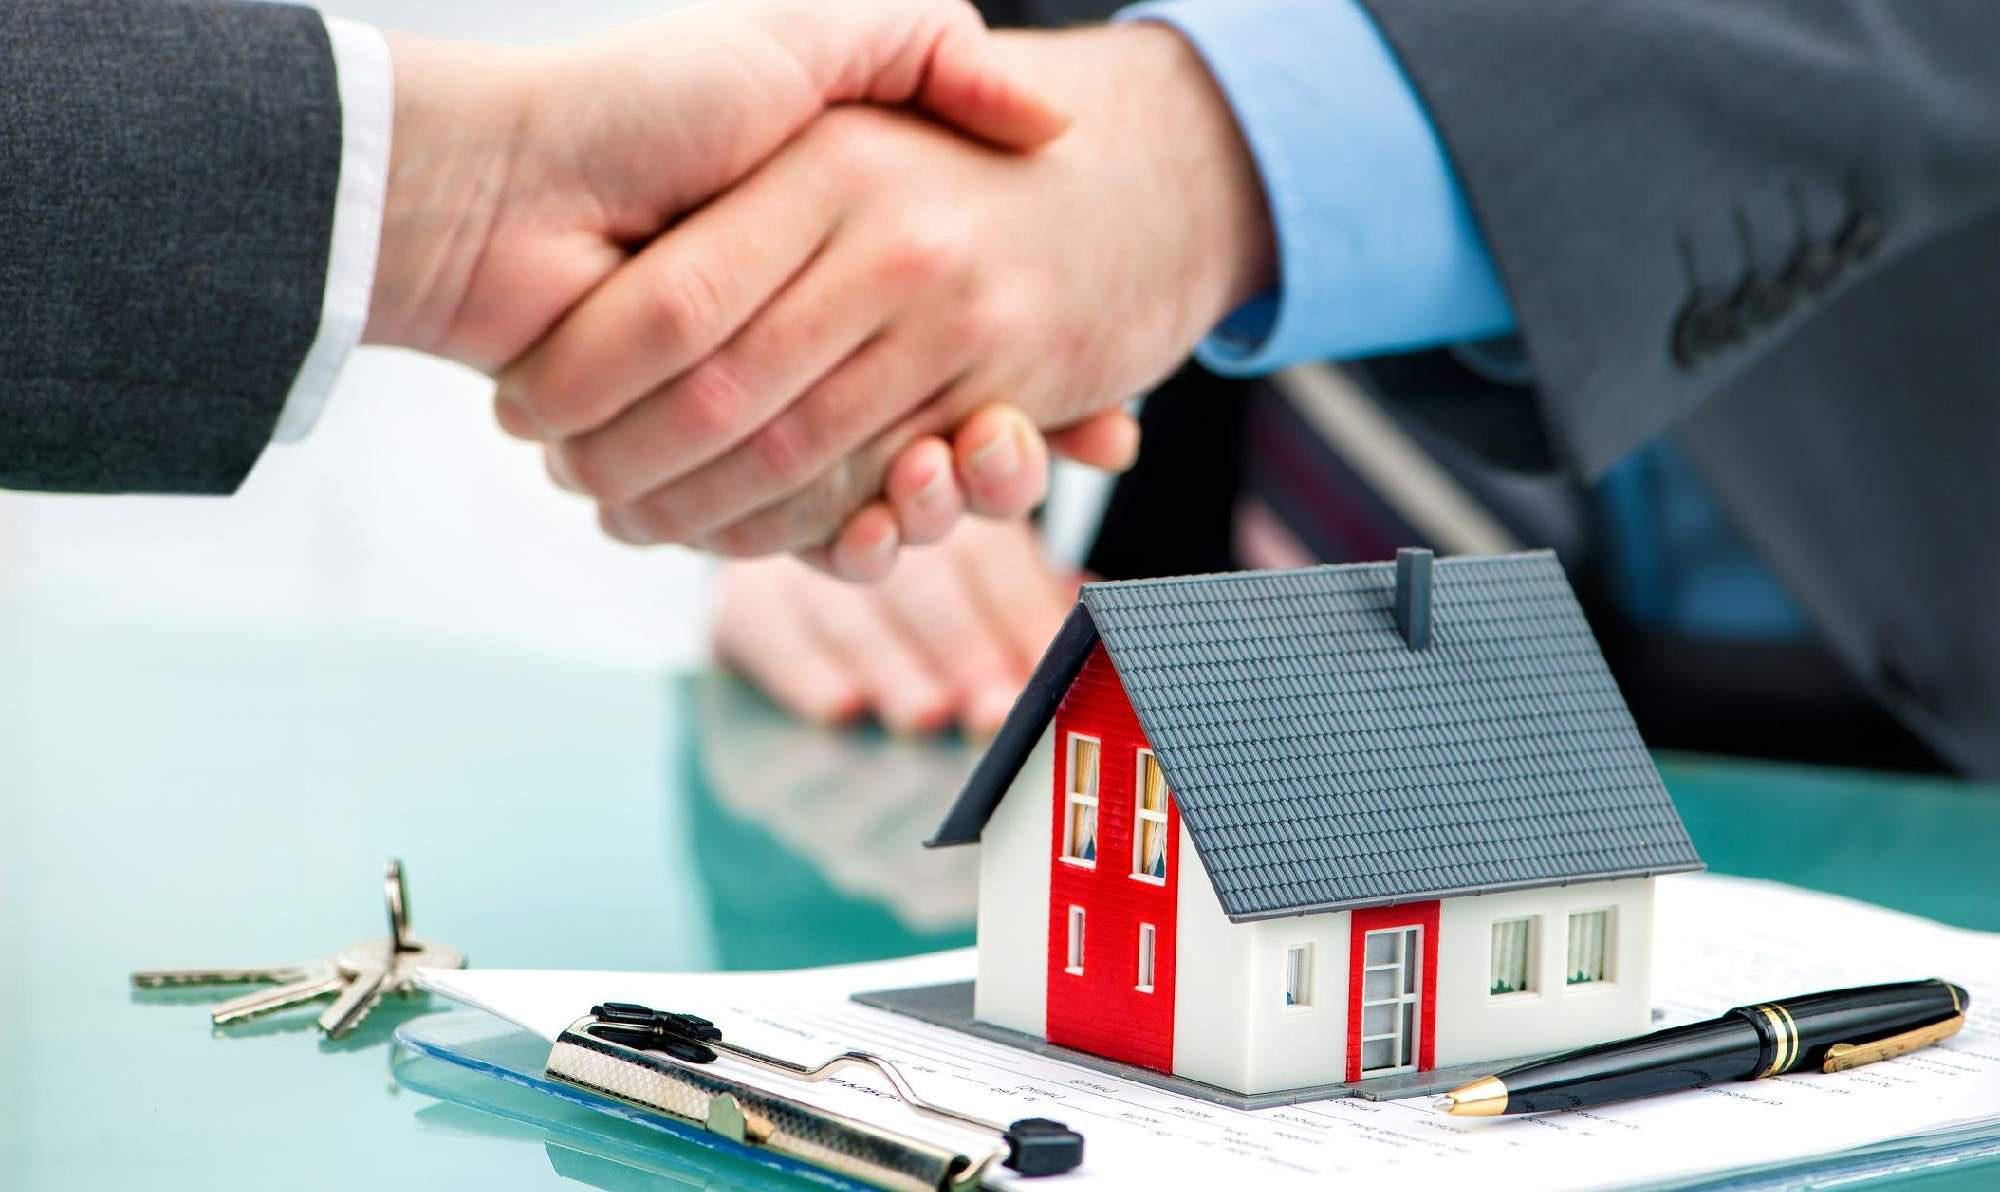 Mua nhà vào thời điểm nào là hợp lý và gia đình bạn có nên mua chung cư vào lúc này - Ảnh 3.